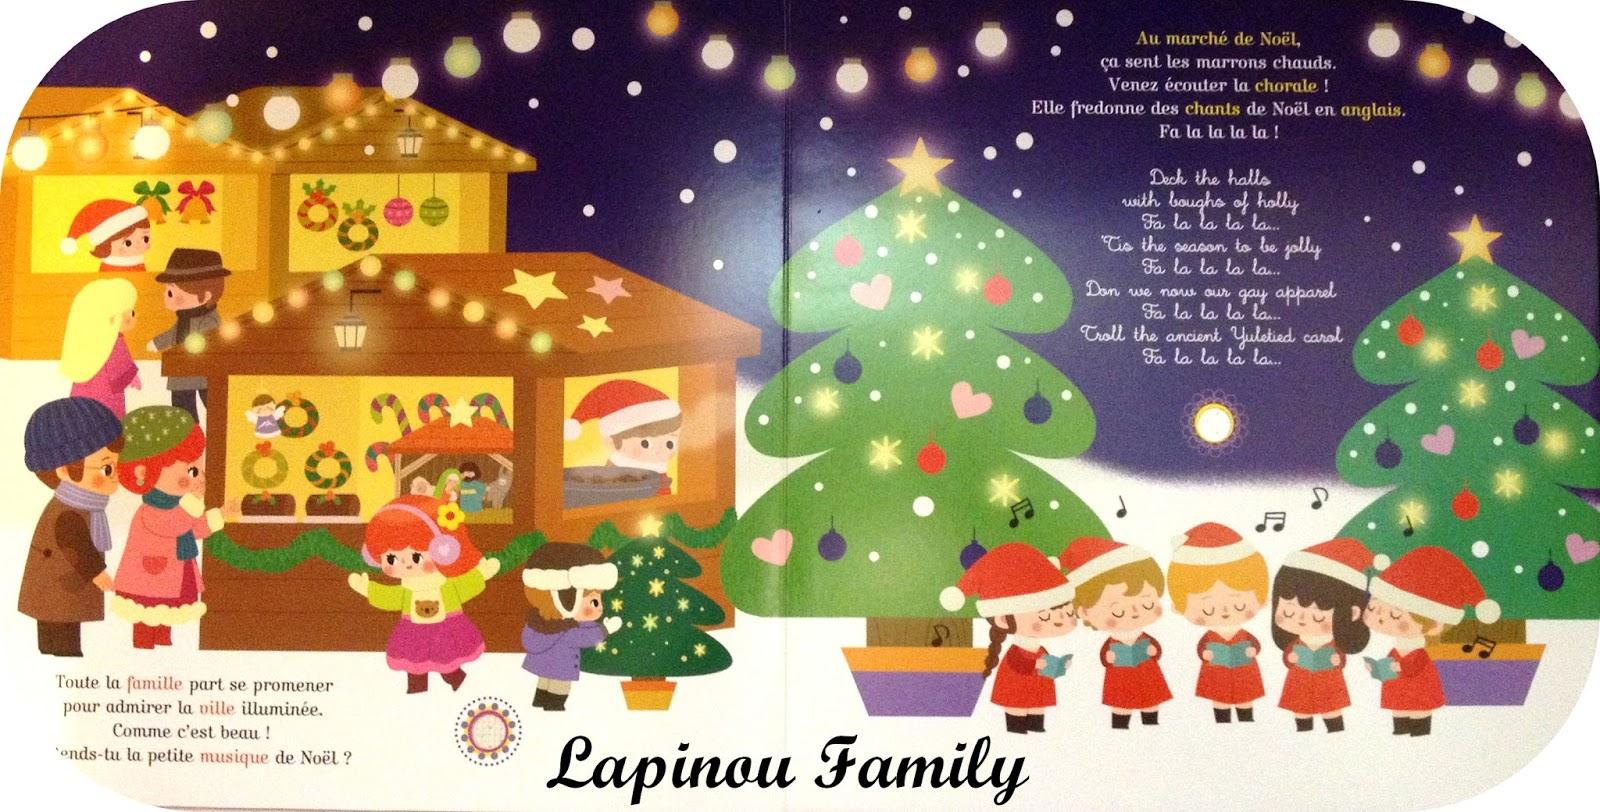 Chanson Un Joyeux Noel.Chanson Joyeux Noel